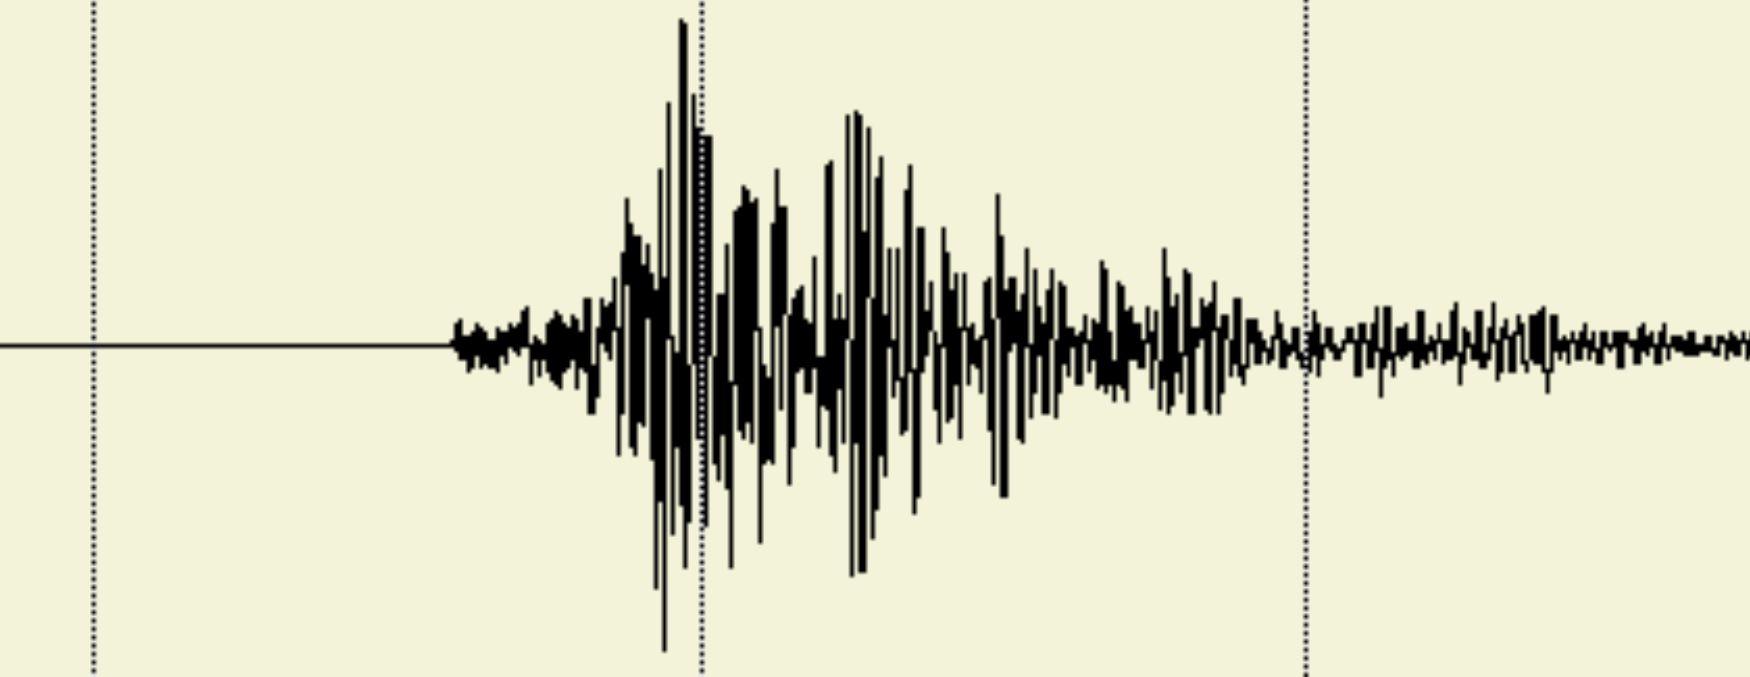 Schweres Erdbeben in Mittelitalien am 24. August 2016